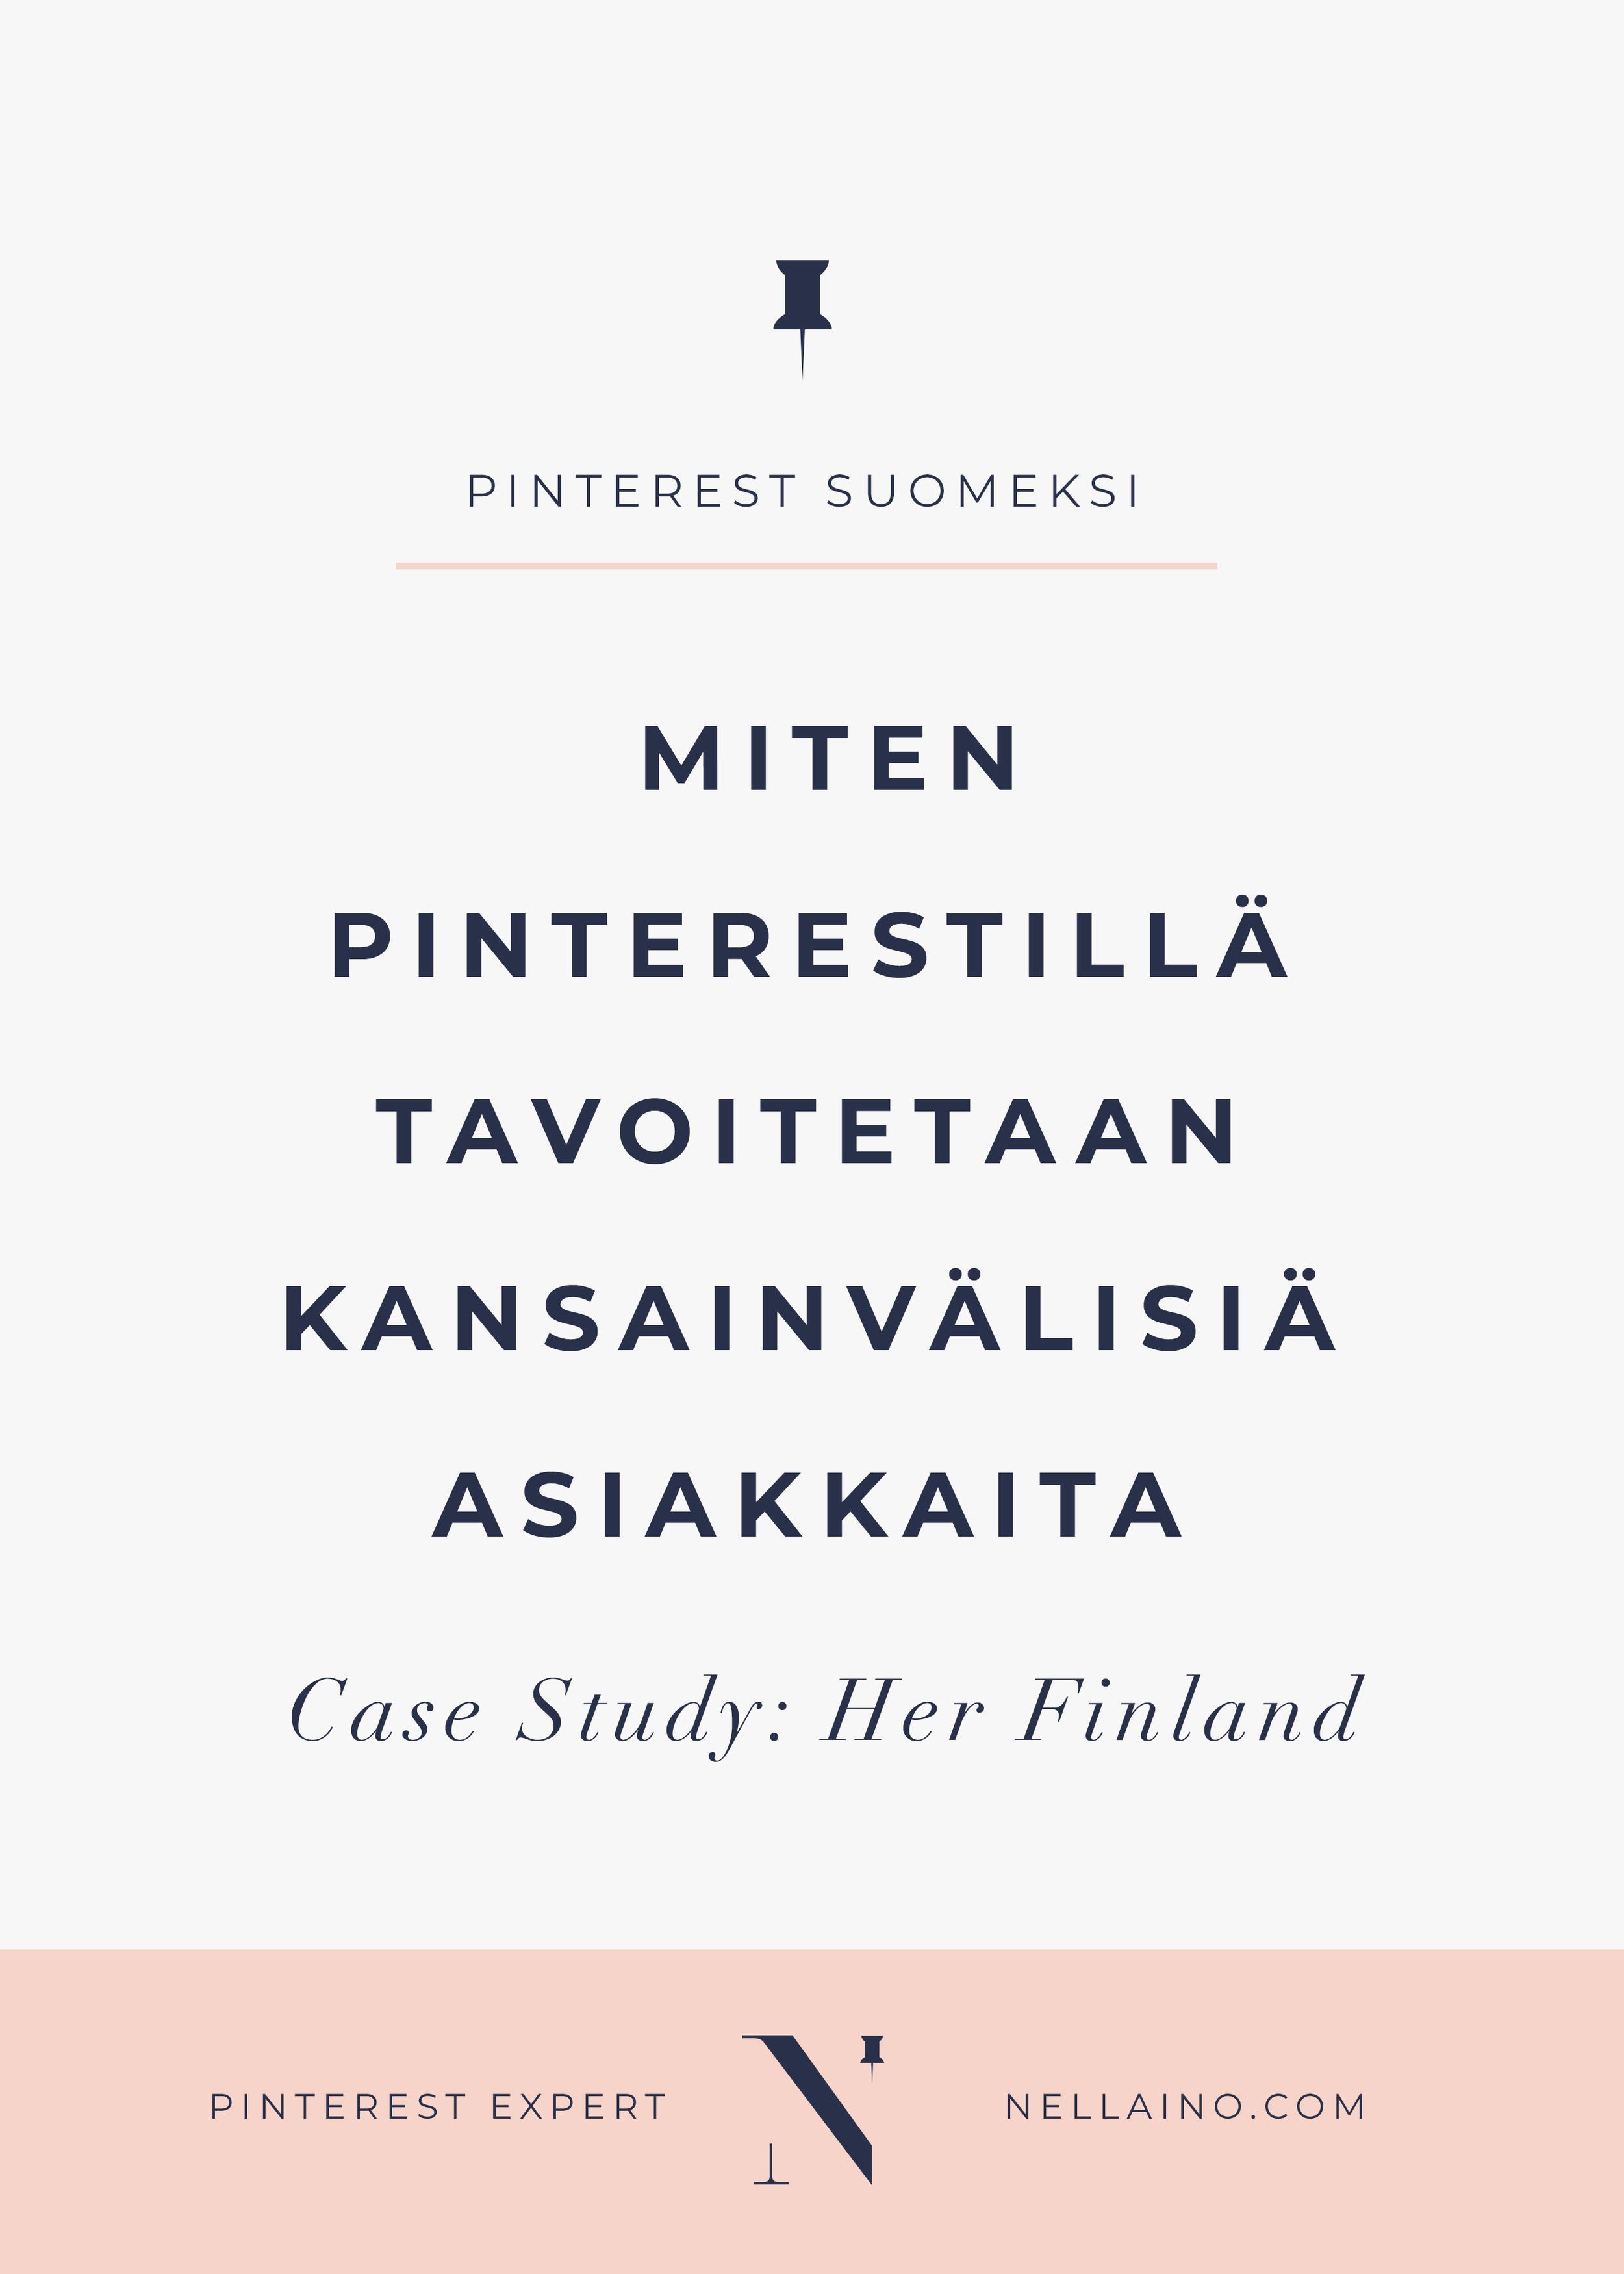 Lue miten Pinterest auttaa kansainvälisten asiakkaiden hankinnassa. www.nellaino.com/blog